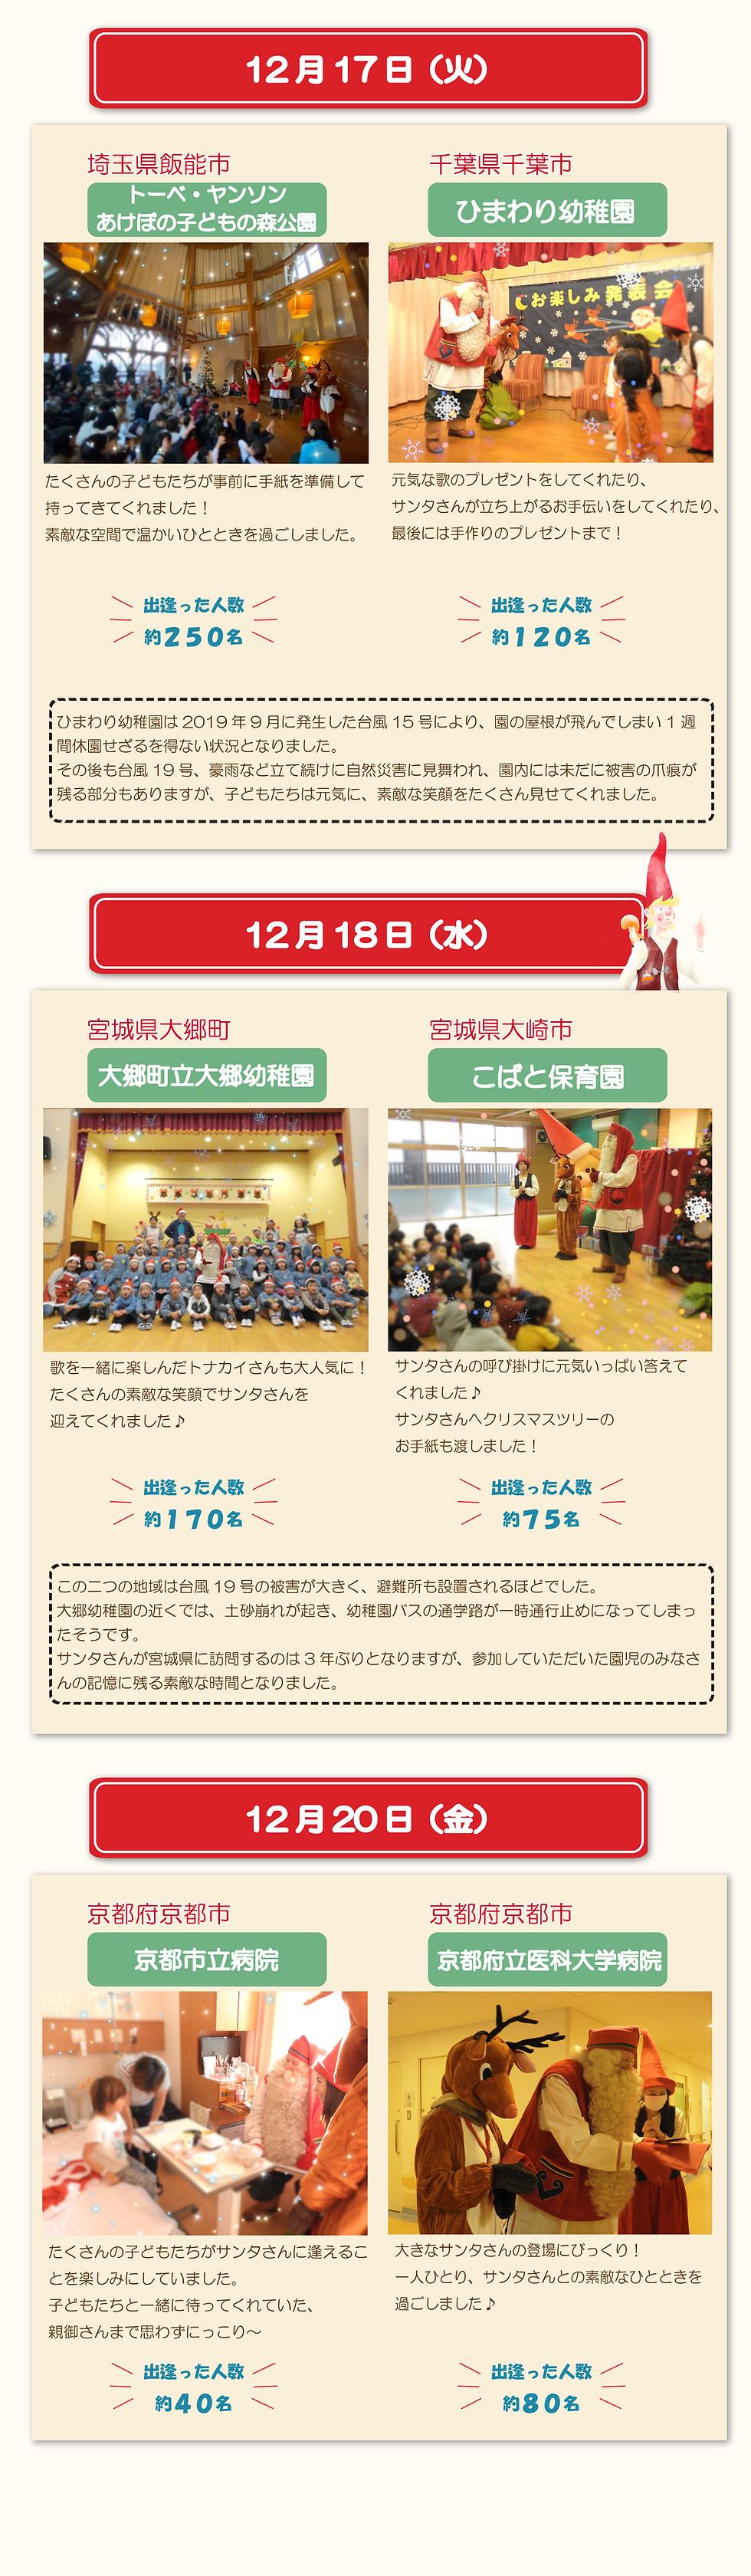 12月17日(火)埼玉県飯能市 トーベ・ヤンソンあけぼの子どもの森公園 たくさんの子どもたちが事前に手紙を準備して持ってきてくれました!素敵な空間で温かいひとときを過ごしました。出逢った人数約250名 千葉県千葉市 ひまわり幼稚園 元気な歌のプレゼントをしてくれたり、サンタさんが立ち上がるお手伝いをしてくれたり、最後には手作りのプレゼントまで!出逢った人数約120名 ひまわり幼稚園は2019年9月に発生した台風15号により、園の屋根が飛んでしまい1週間休園せざるを得ない状況となりました。その後も台風19号、豪雨など立て続けに自然災害に見舞われ、園内には未だに被害の爪痕が残る部分もありますが、子どもたちは元気に、素敵な笑顔をたくさん見せてくれました。12月18日(水)宮城県大郷町 大郷町立大郷幼稚園 歌を一緒に楽しんだトナカイさんも大人気に!たくさんの素敵な笑顔でサンタさんを迎えてくれました♪出逢った人数約170名 宮城県大崎市 こばと保育園 サンタさんの呼び掛けに元気いっぱい答えてくれました♪サンタさんへクリスマスツリーのお手紙も渡しました!出逢った人数約75名 この二つの地域は台風19号の被害が大きく、避難所も設置されるほどでした。大郷幼稚園の近くでは、土砂崩れが起き、幼稚園バスの通学路が一時通行止めになってしまったそうです。サンタさんが宮城県に訪問するのは3年ぶりとなりますが、参加していただいた園児のみなさんの記憶に残る素敵な時間となりました。12月20日(金)京都府京都市 京都市立病院 たくさんの子どもたちがサンタさんに逢えることを楽しみにしていました。子どもたちと一緒に待ってくれていた、親御さんまで思わずにっこり♪ 出逢った人数約40名 京都府京都市 京都府立医科大学病院 大きなサンタさんの登場にびっくり!一人ひとり、サンタさんとの素敵なひとときを過ごしました♪出逢った人数約80名